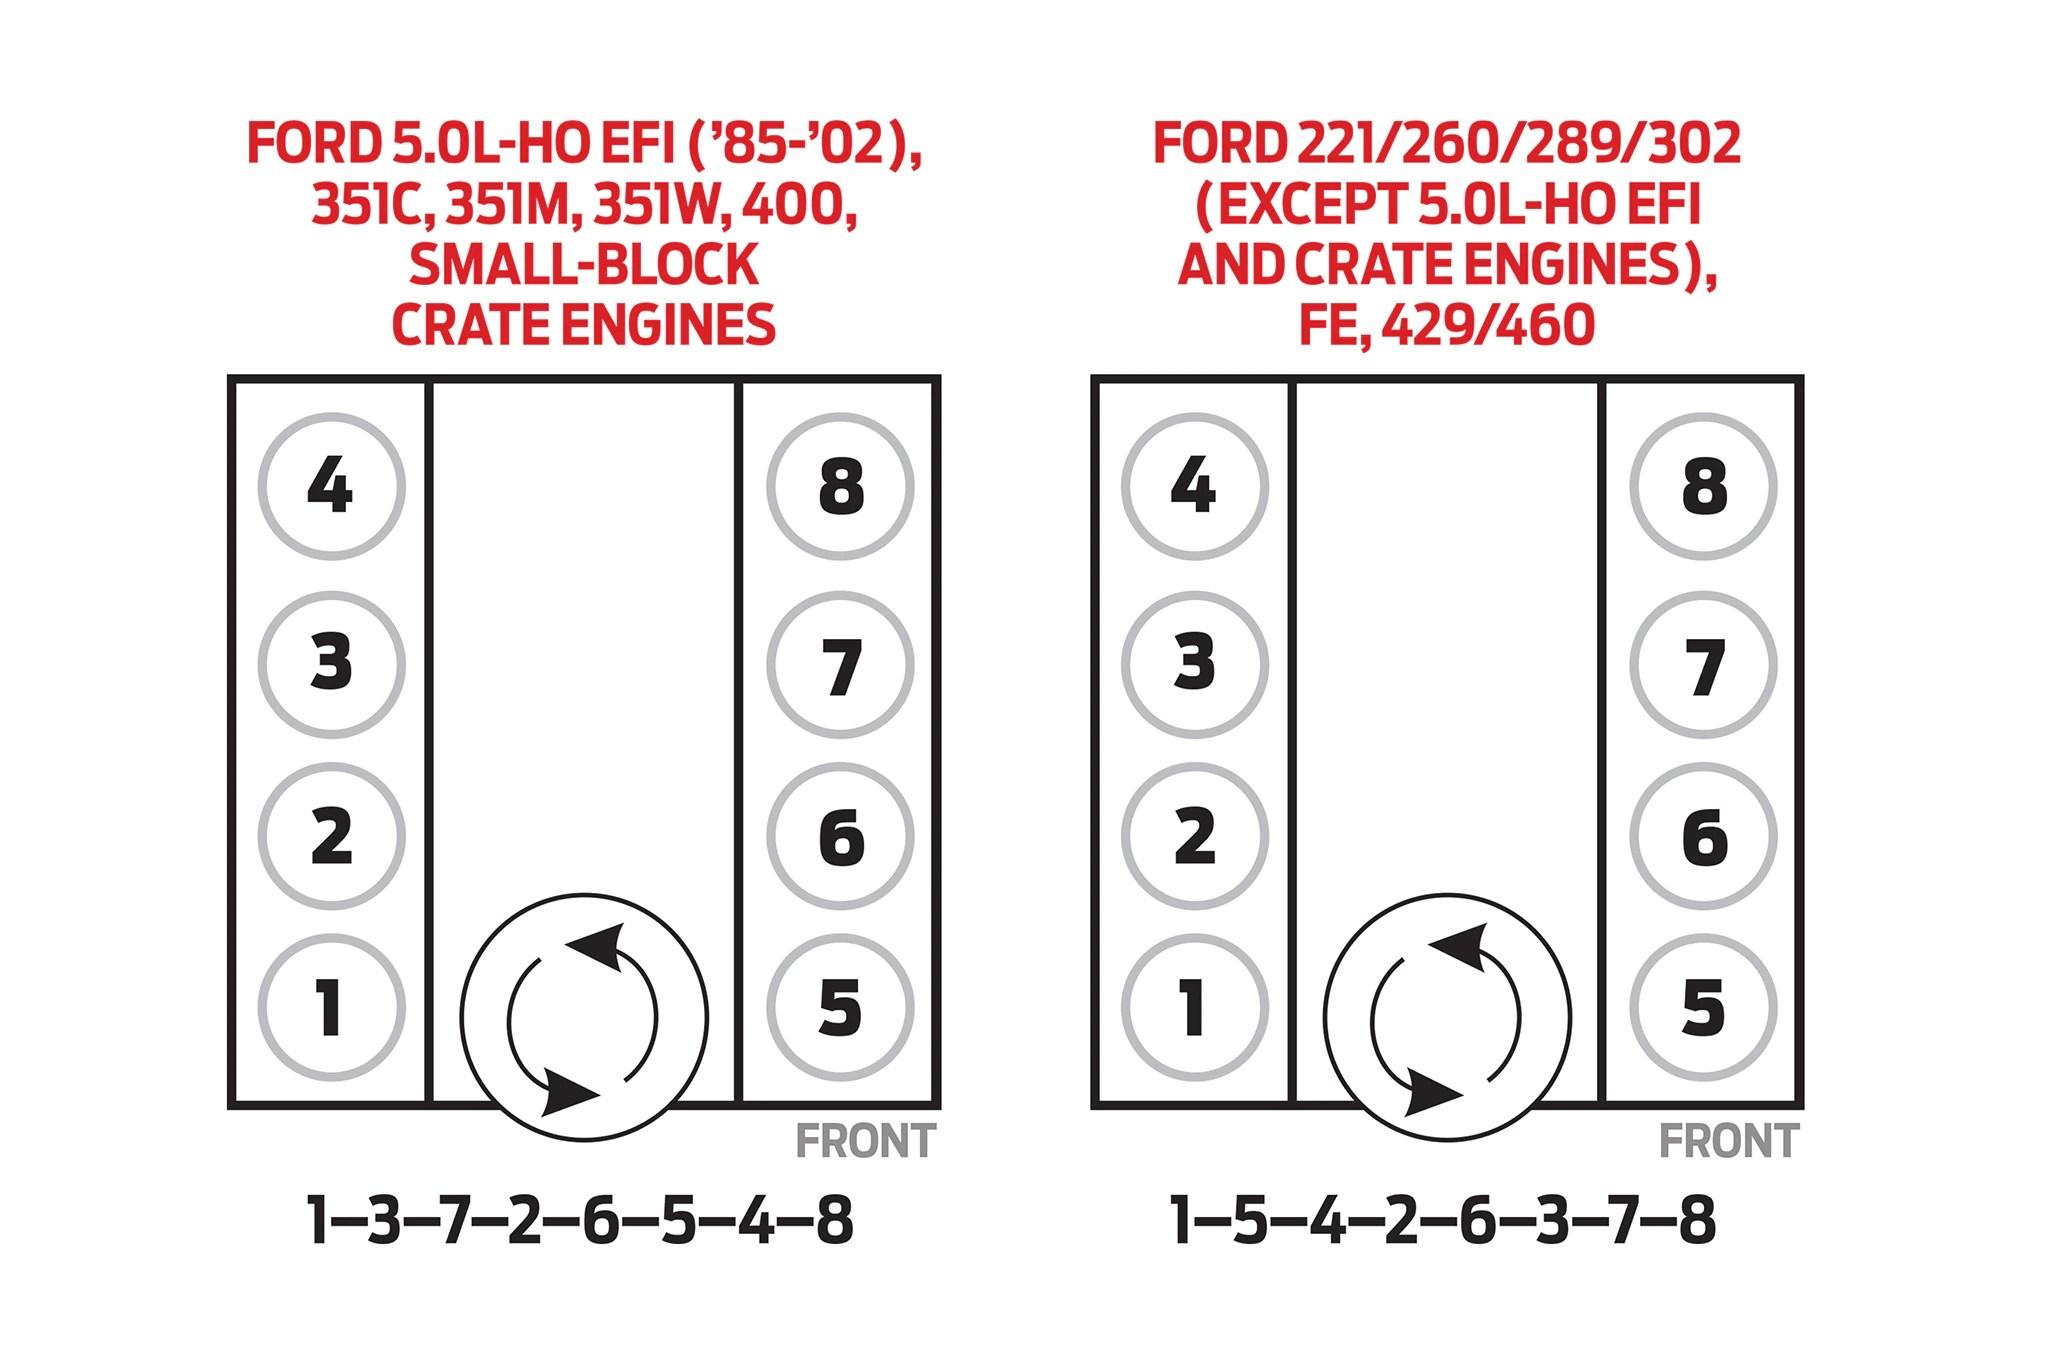 medium resolution of ford 4 0 firing order diagram 1993 ford 5 0 firing order ford ford 4 0 v6 engine firing diagram